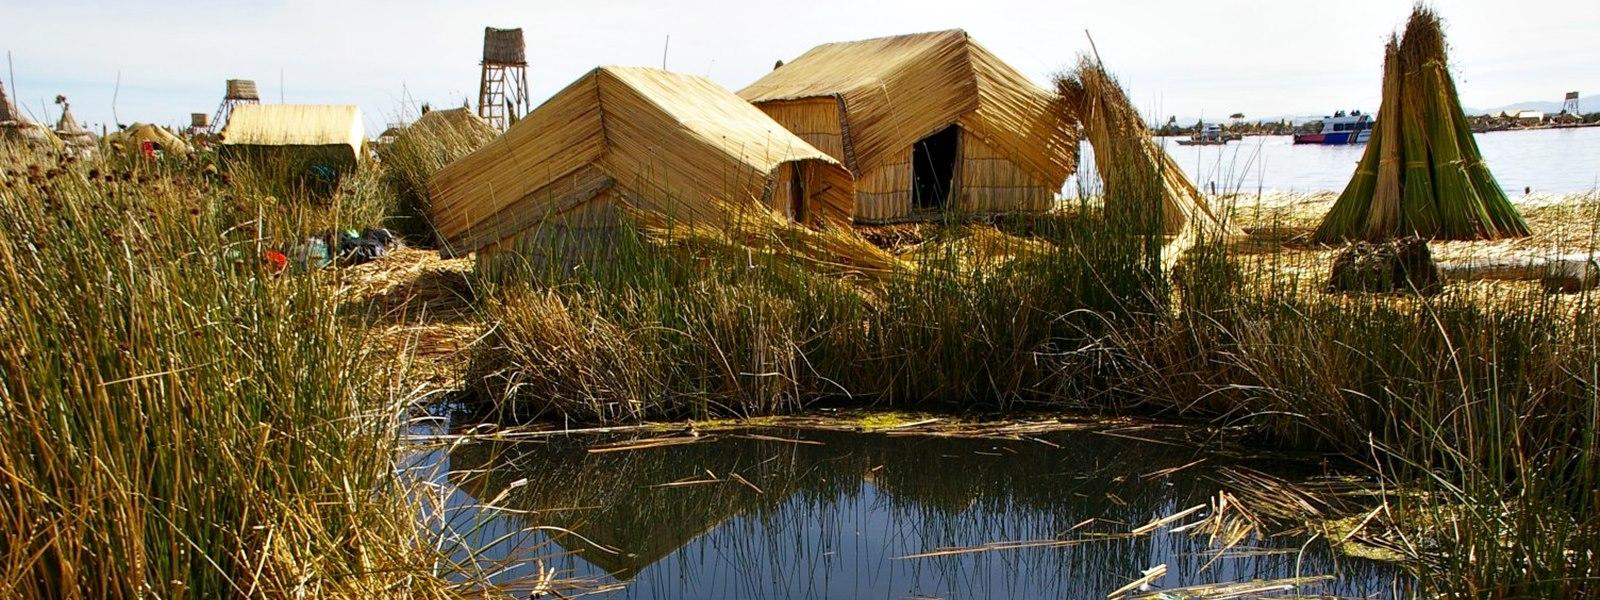 Iles Uros, lac Titikaka, Puno